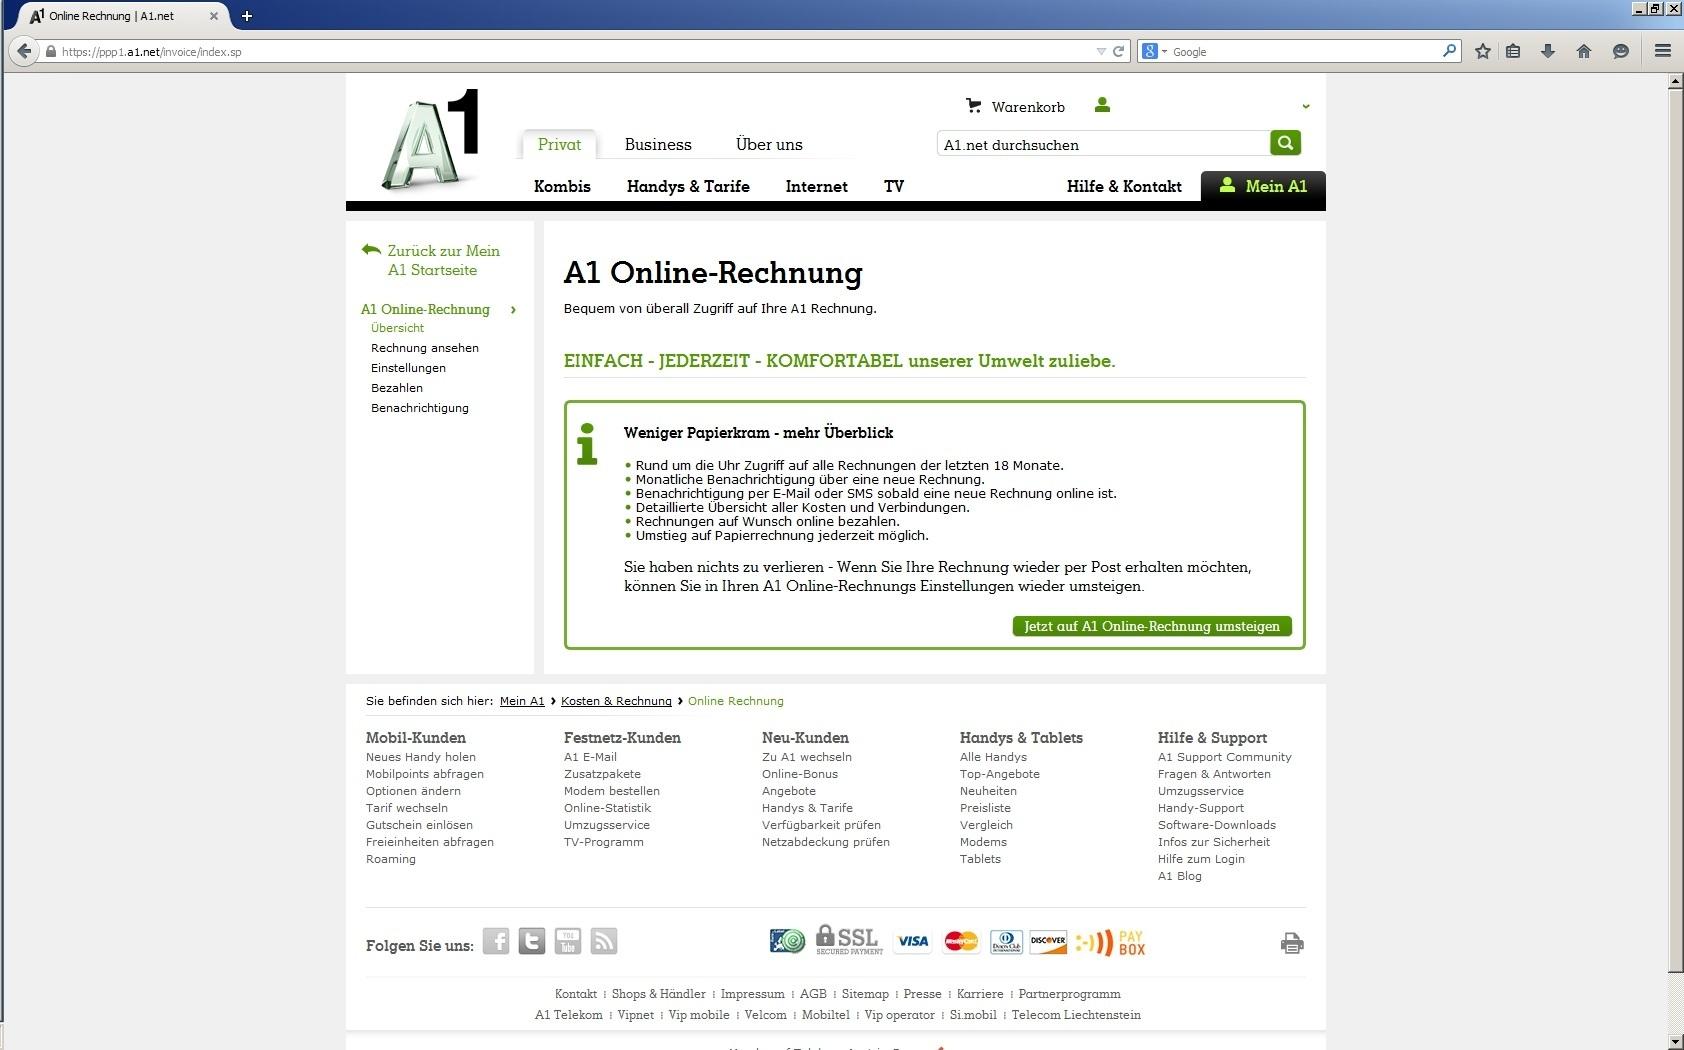 Umstieg Auf Die Online Rechnung Die Wichtigsten Facts A1